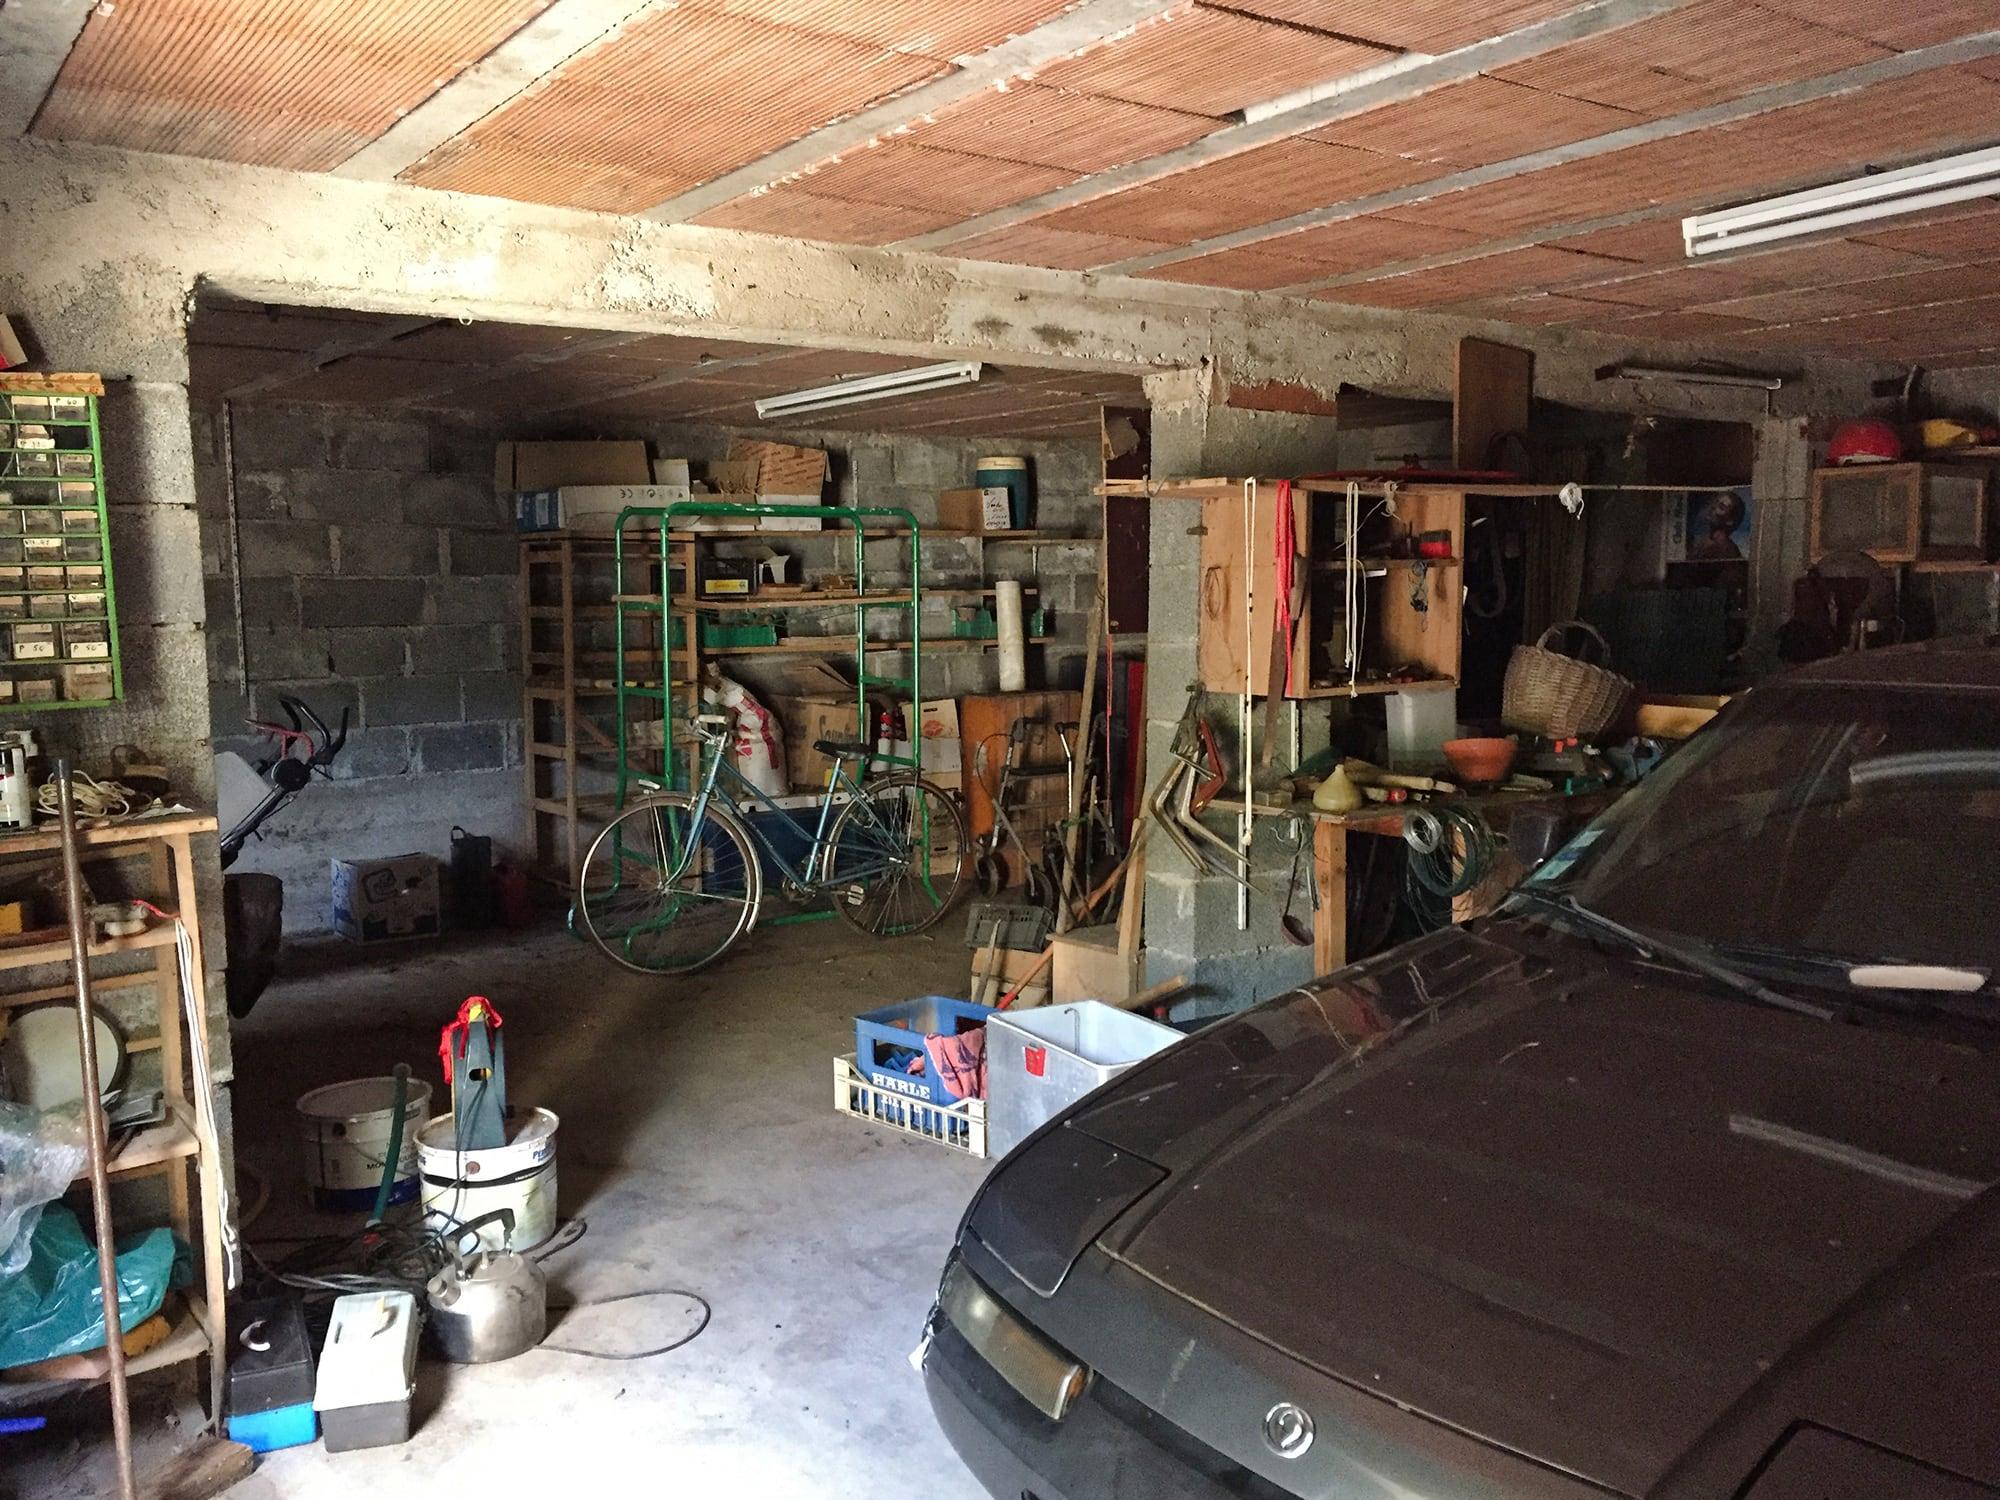 Maison-a-vendre-cevennes-garage01-modif.jpg